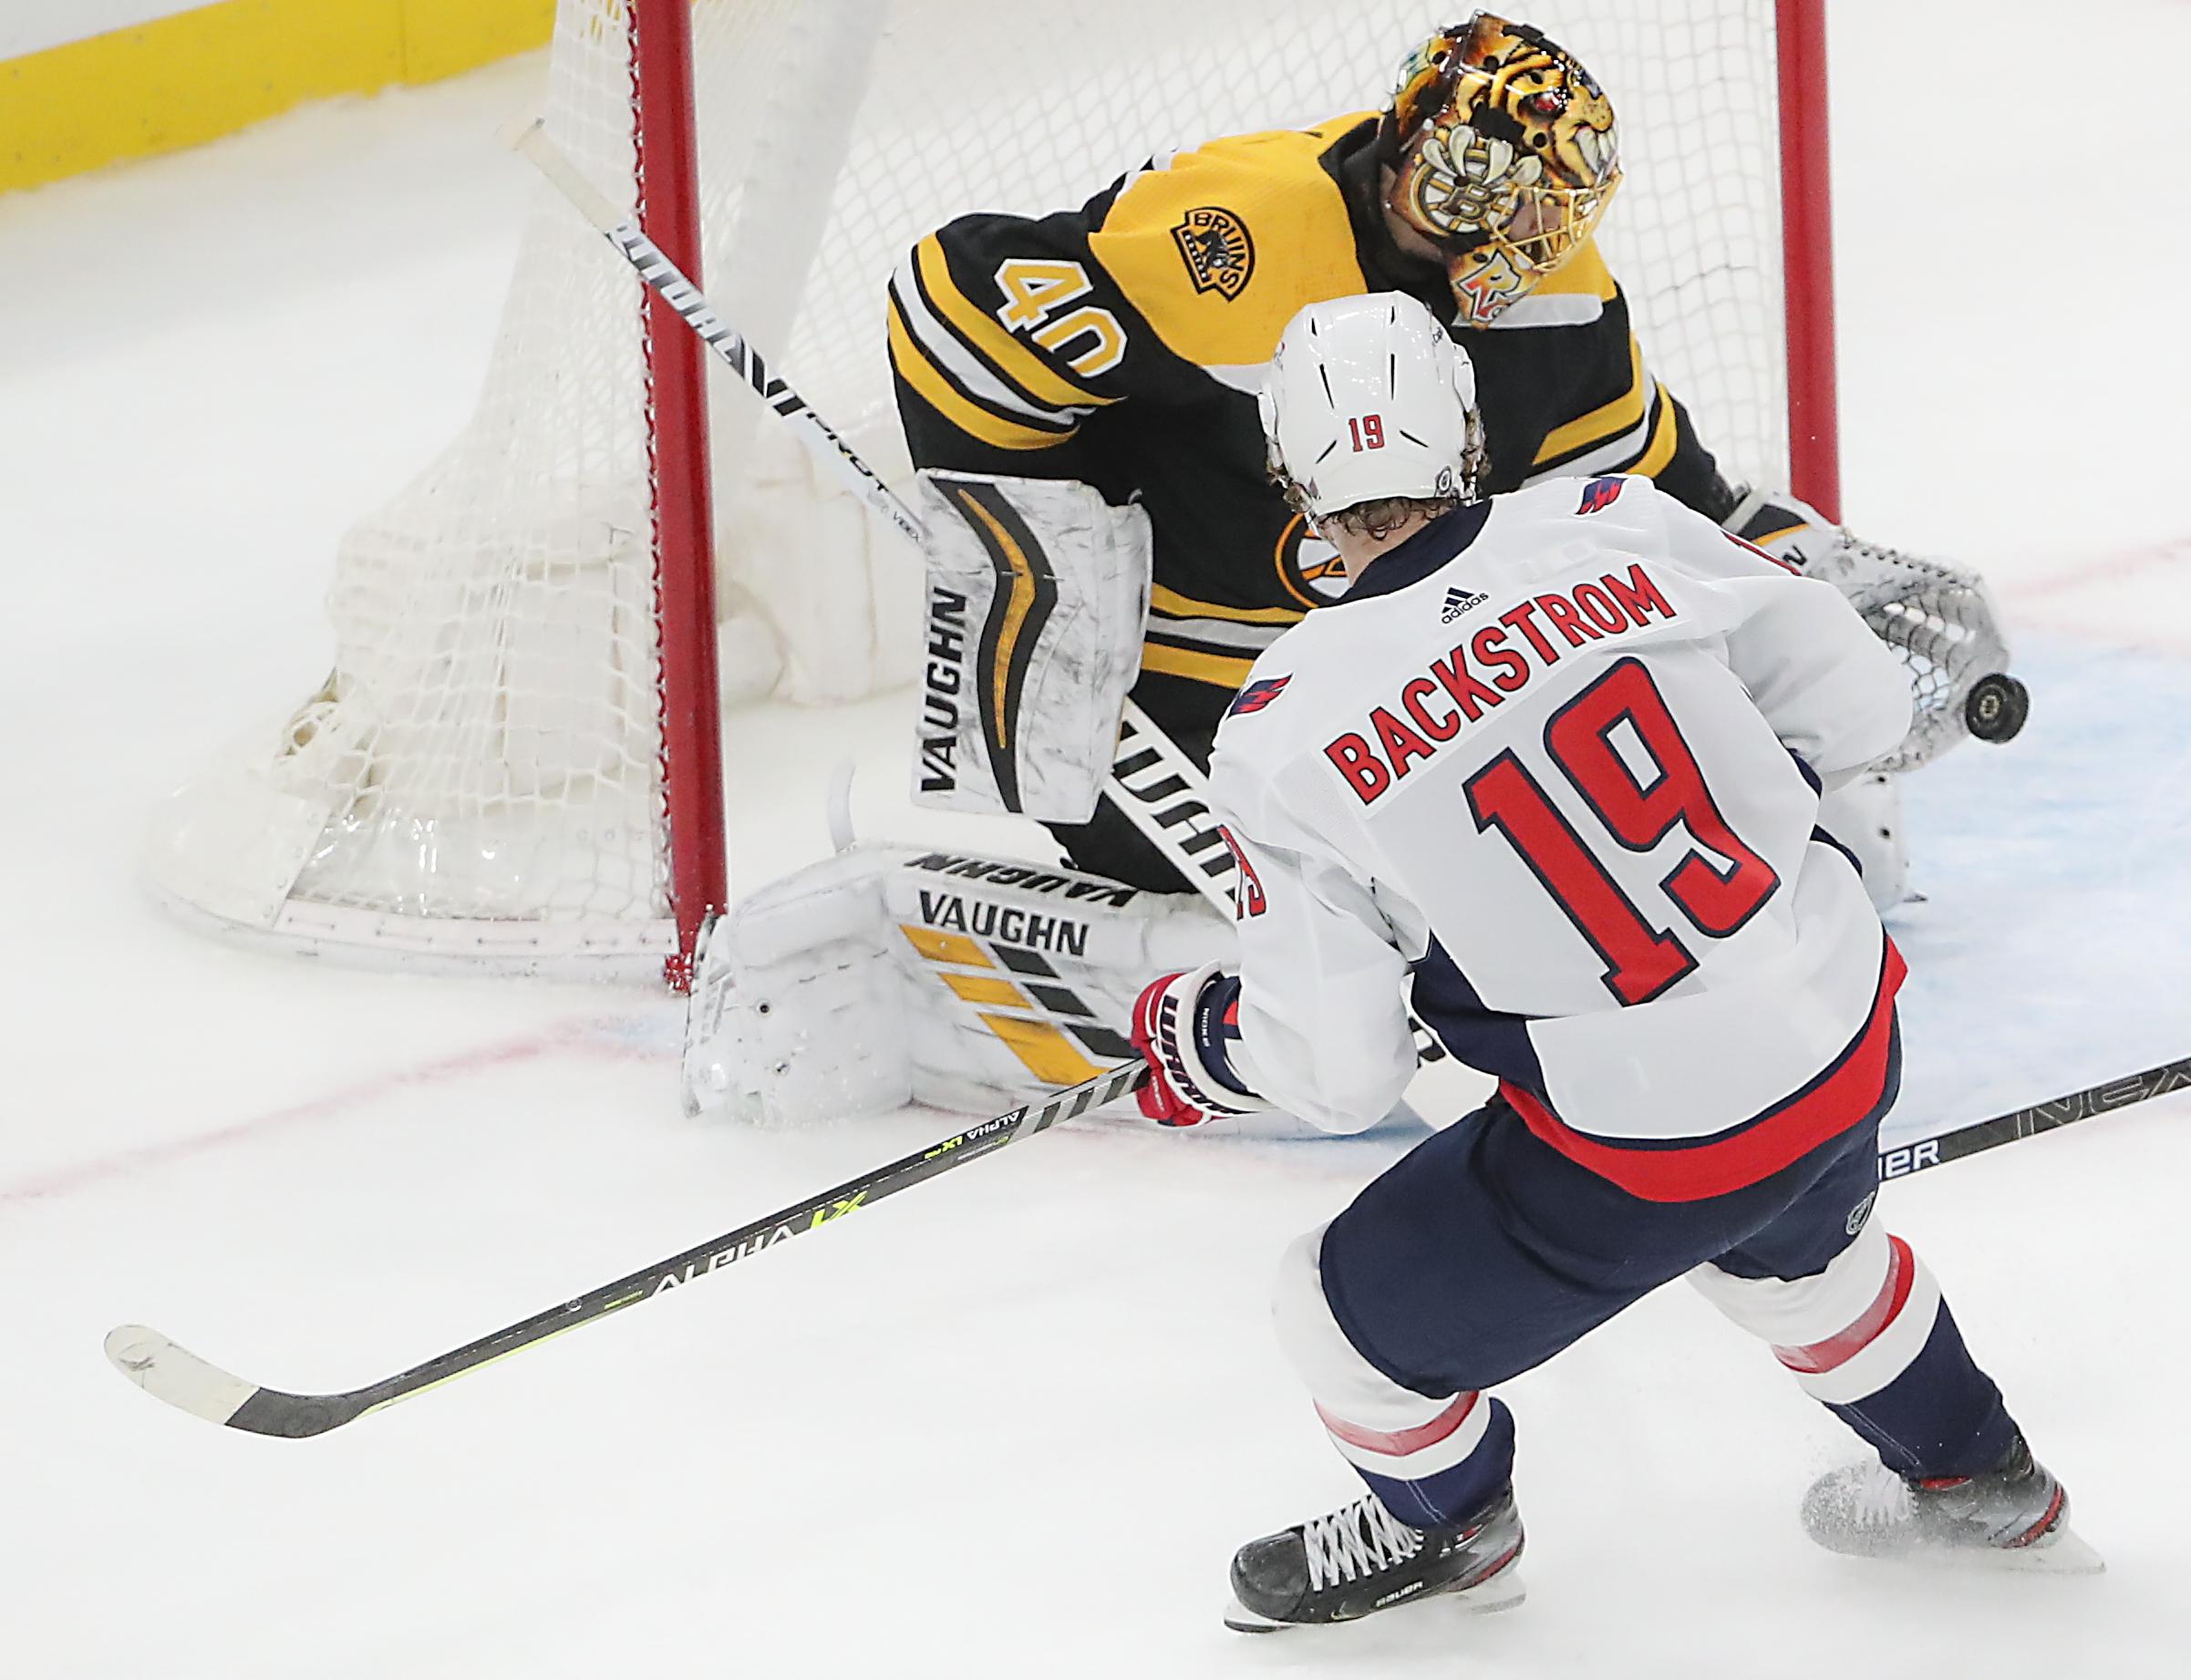 New Jersey Devils Vs Boston Bruins At TD Garden